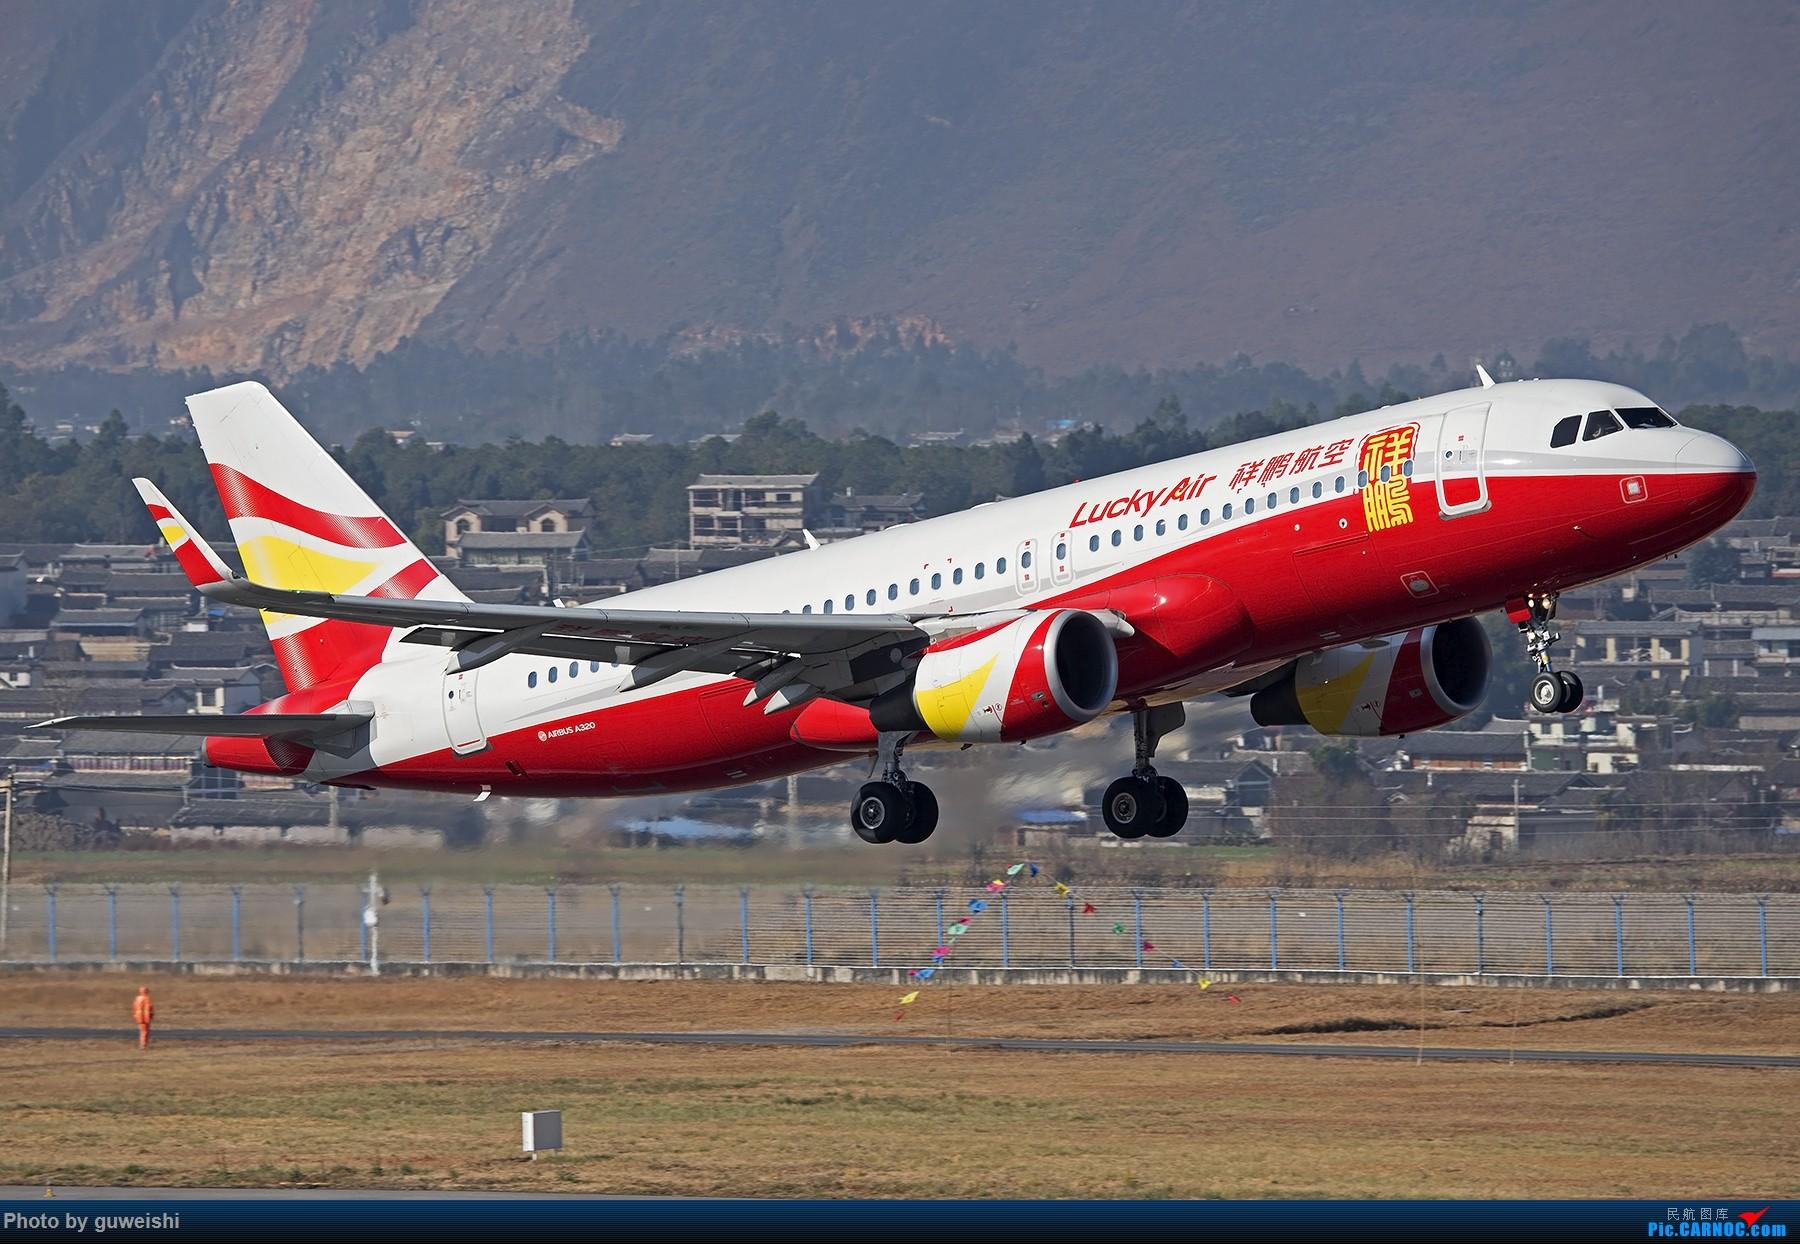 [原创]Re:[原创]【早师傅出品】——丽江起飞真好看 AIRBUS A320-200 B-8731 中国丽江三义机场